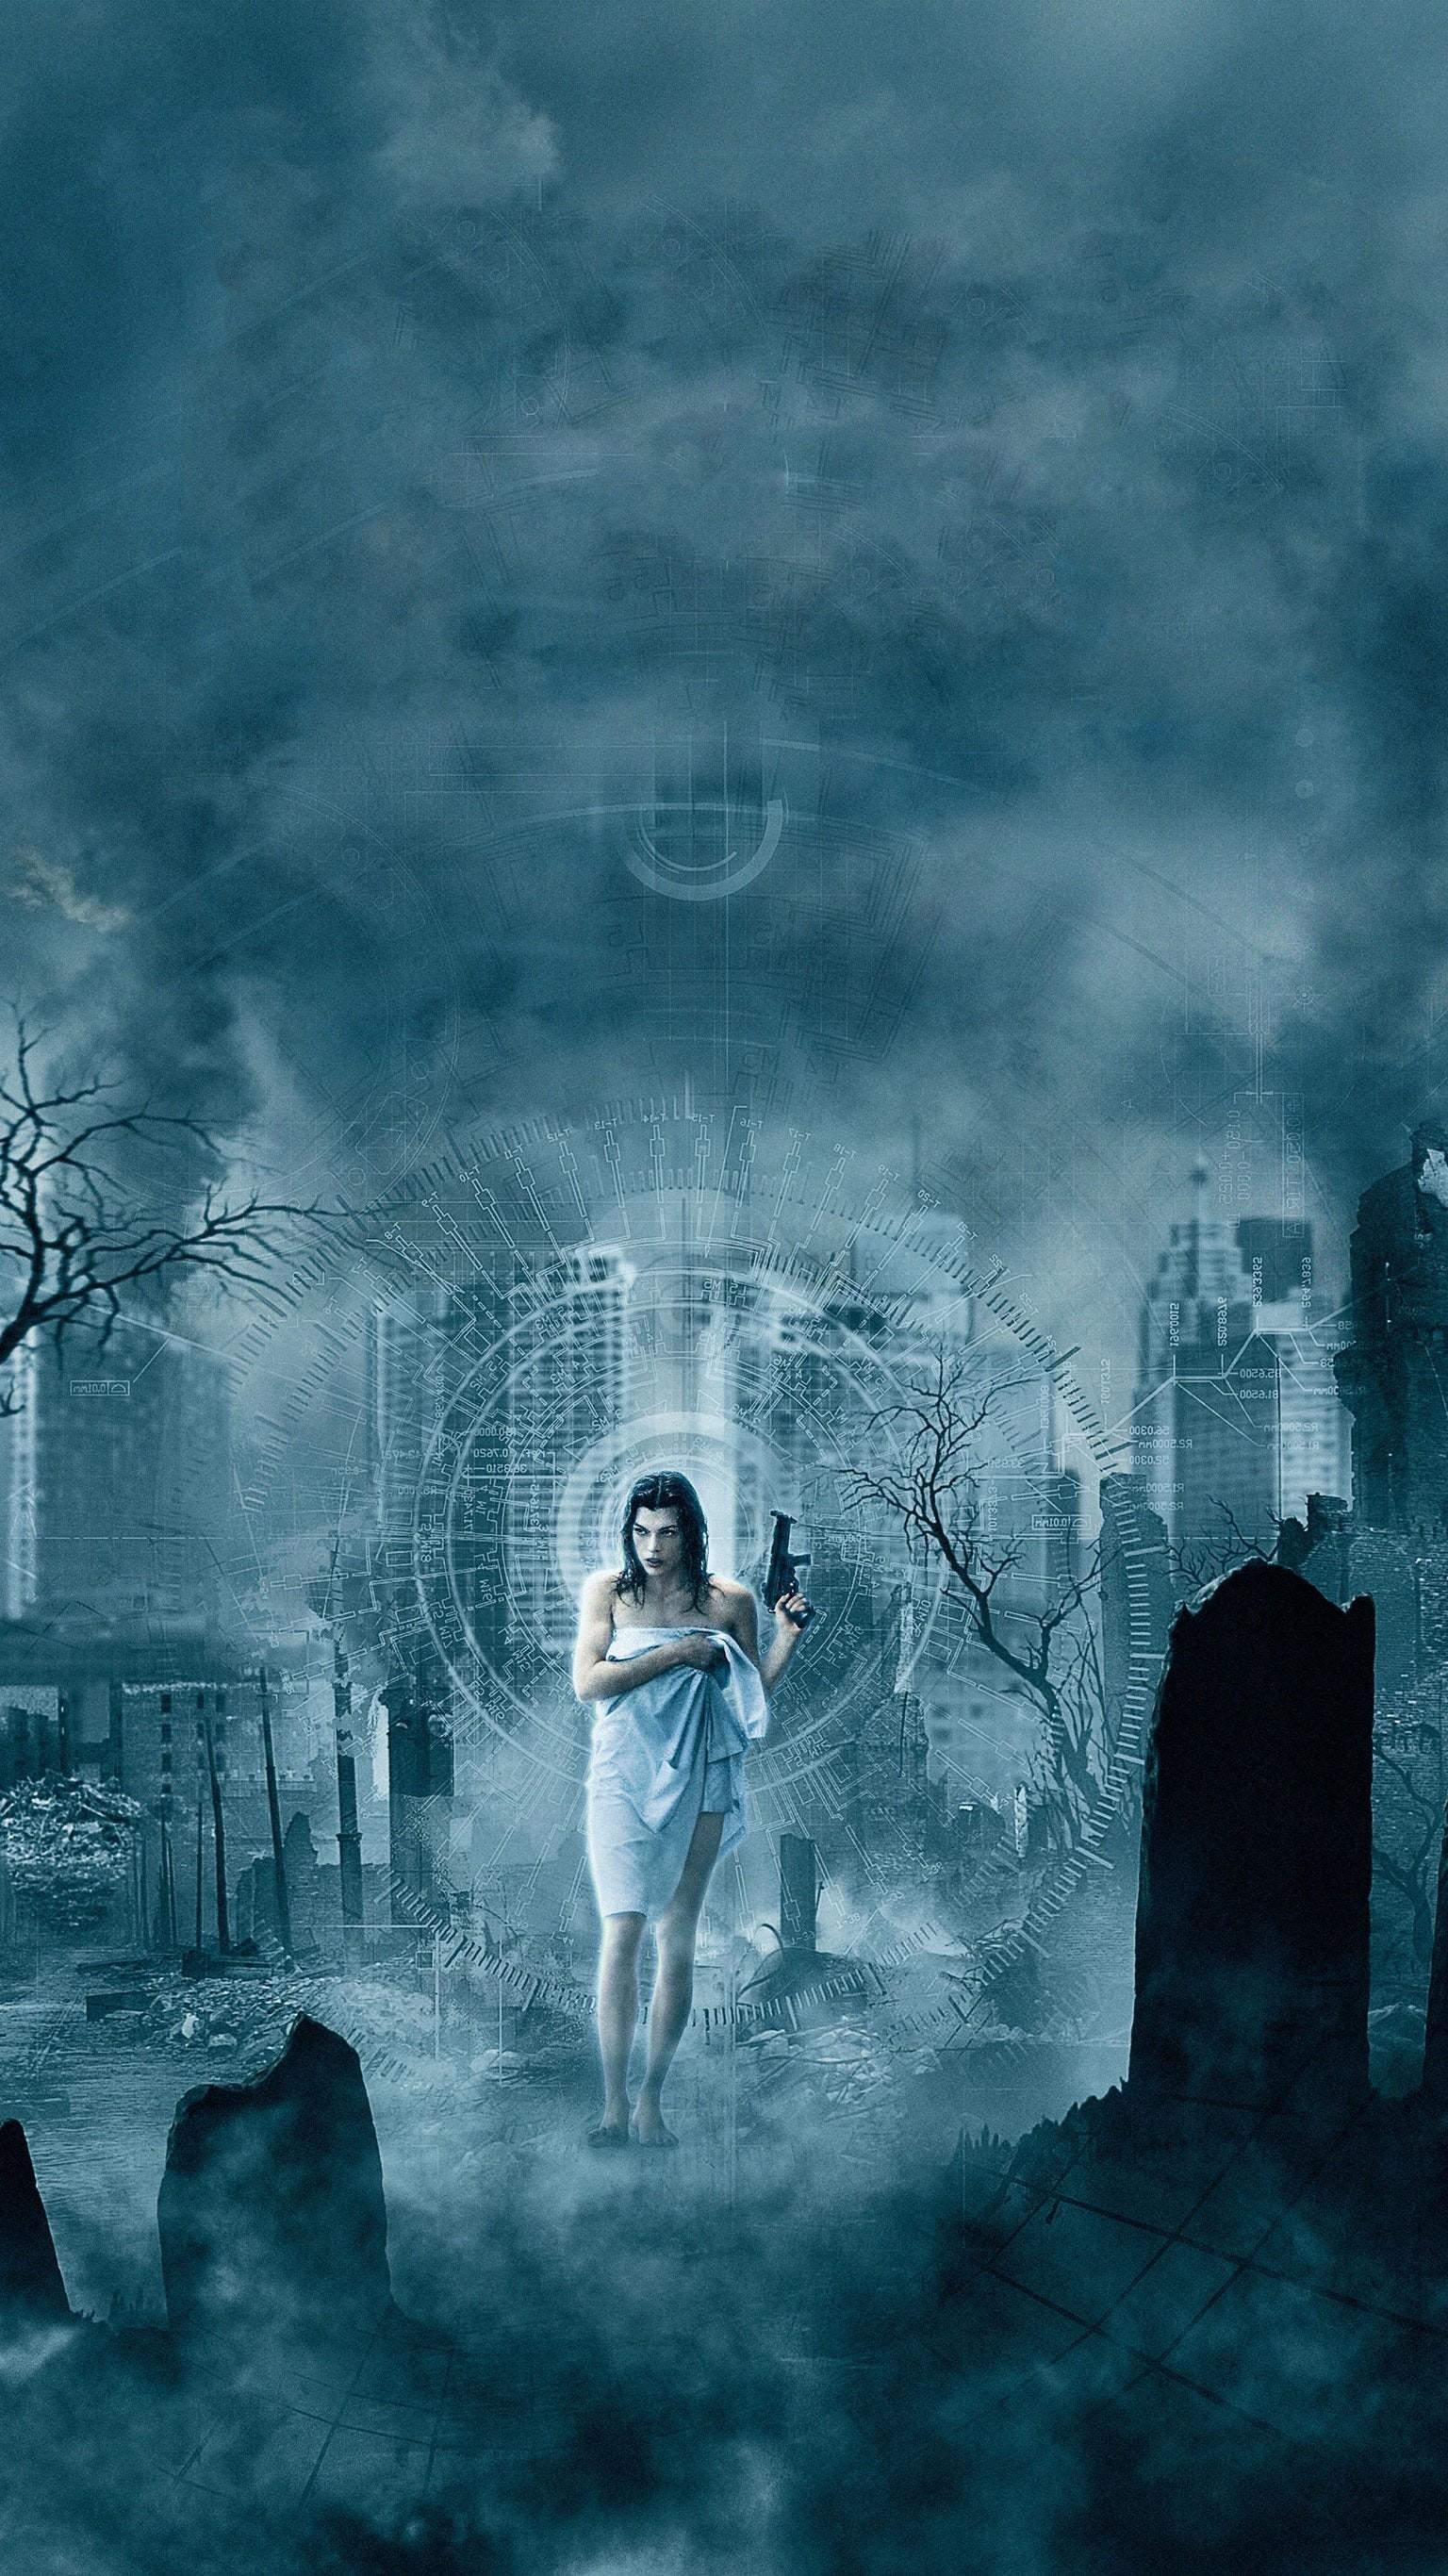 Resident Evil Phone Wallpaper 65 Images